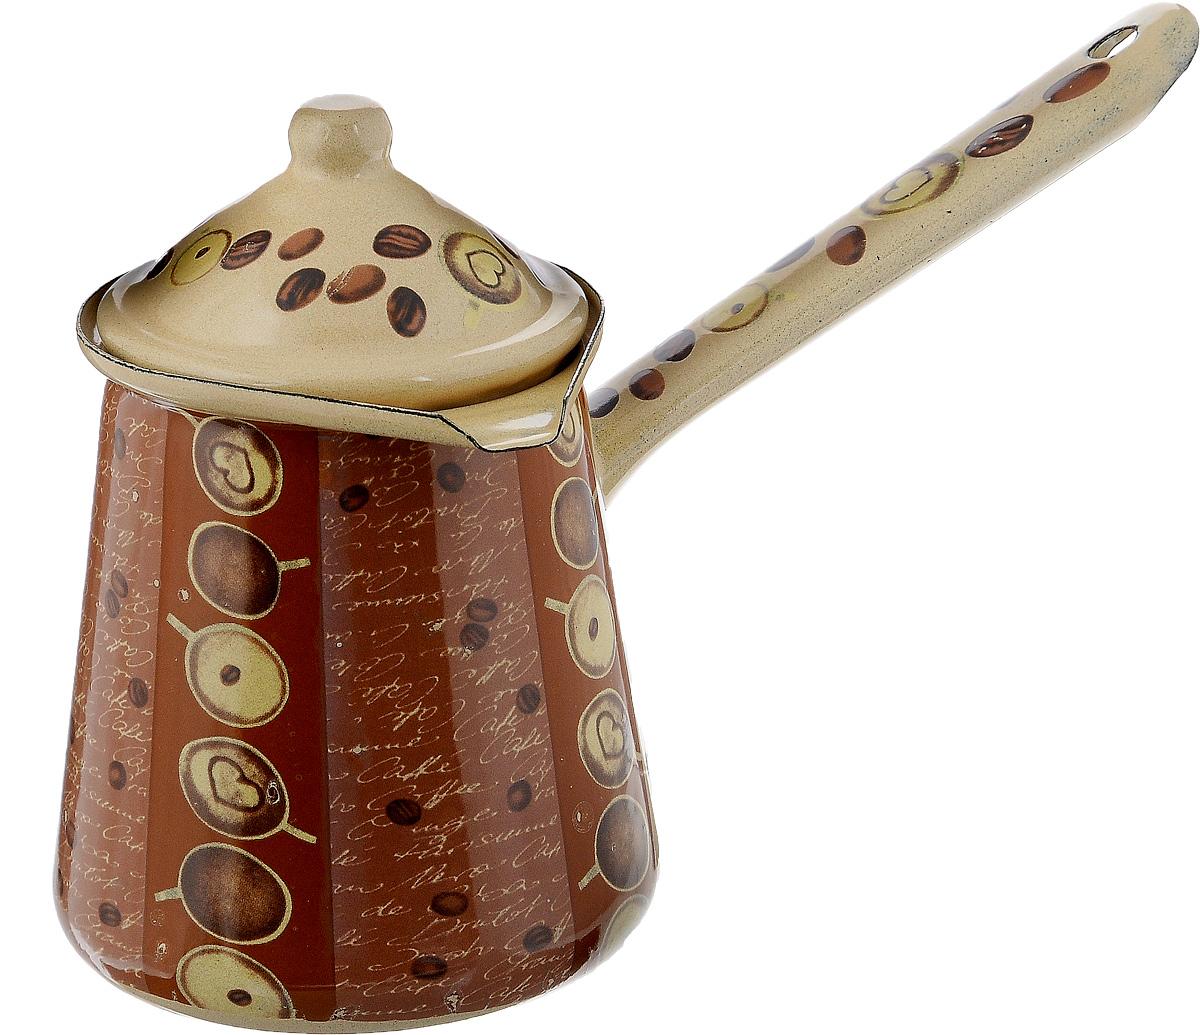 Турка Calve, с крышкой, цвет: бежевый, коричневый, 700 мл54 009312Турка Calve, изготовленная из высококачественной стали, предназначена для приготовления кофе. Внешние стенки турки оформлены изящным рисунком с изображением кофейных зерен. Изделие имеет широкое горлышко, специальный носик и крышку. Рукоятка снабжена специальным отверстием, благодаря которому изделие можно подвесить на крючок. Кофе в турке варится очень просто. Насыпьте молотый кофе, залейте водой и варите на слабом огне, не доводя до кипения. Чем дольше кофе варить, тем крепче он становится. Подходит для всех видов плит, включая индукционные. Диаметр турки (по верхнему краю): 9,5 см. Длина ручки: 14,5 см.Высота стенки: 12,5 см.